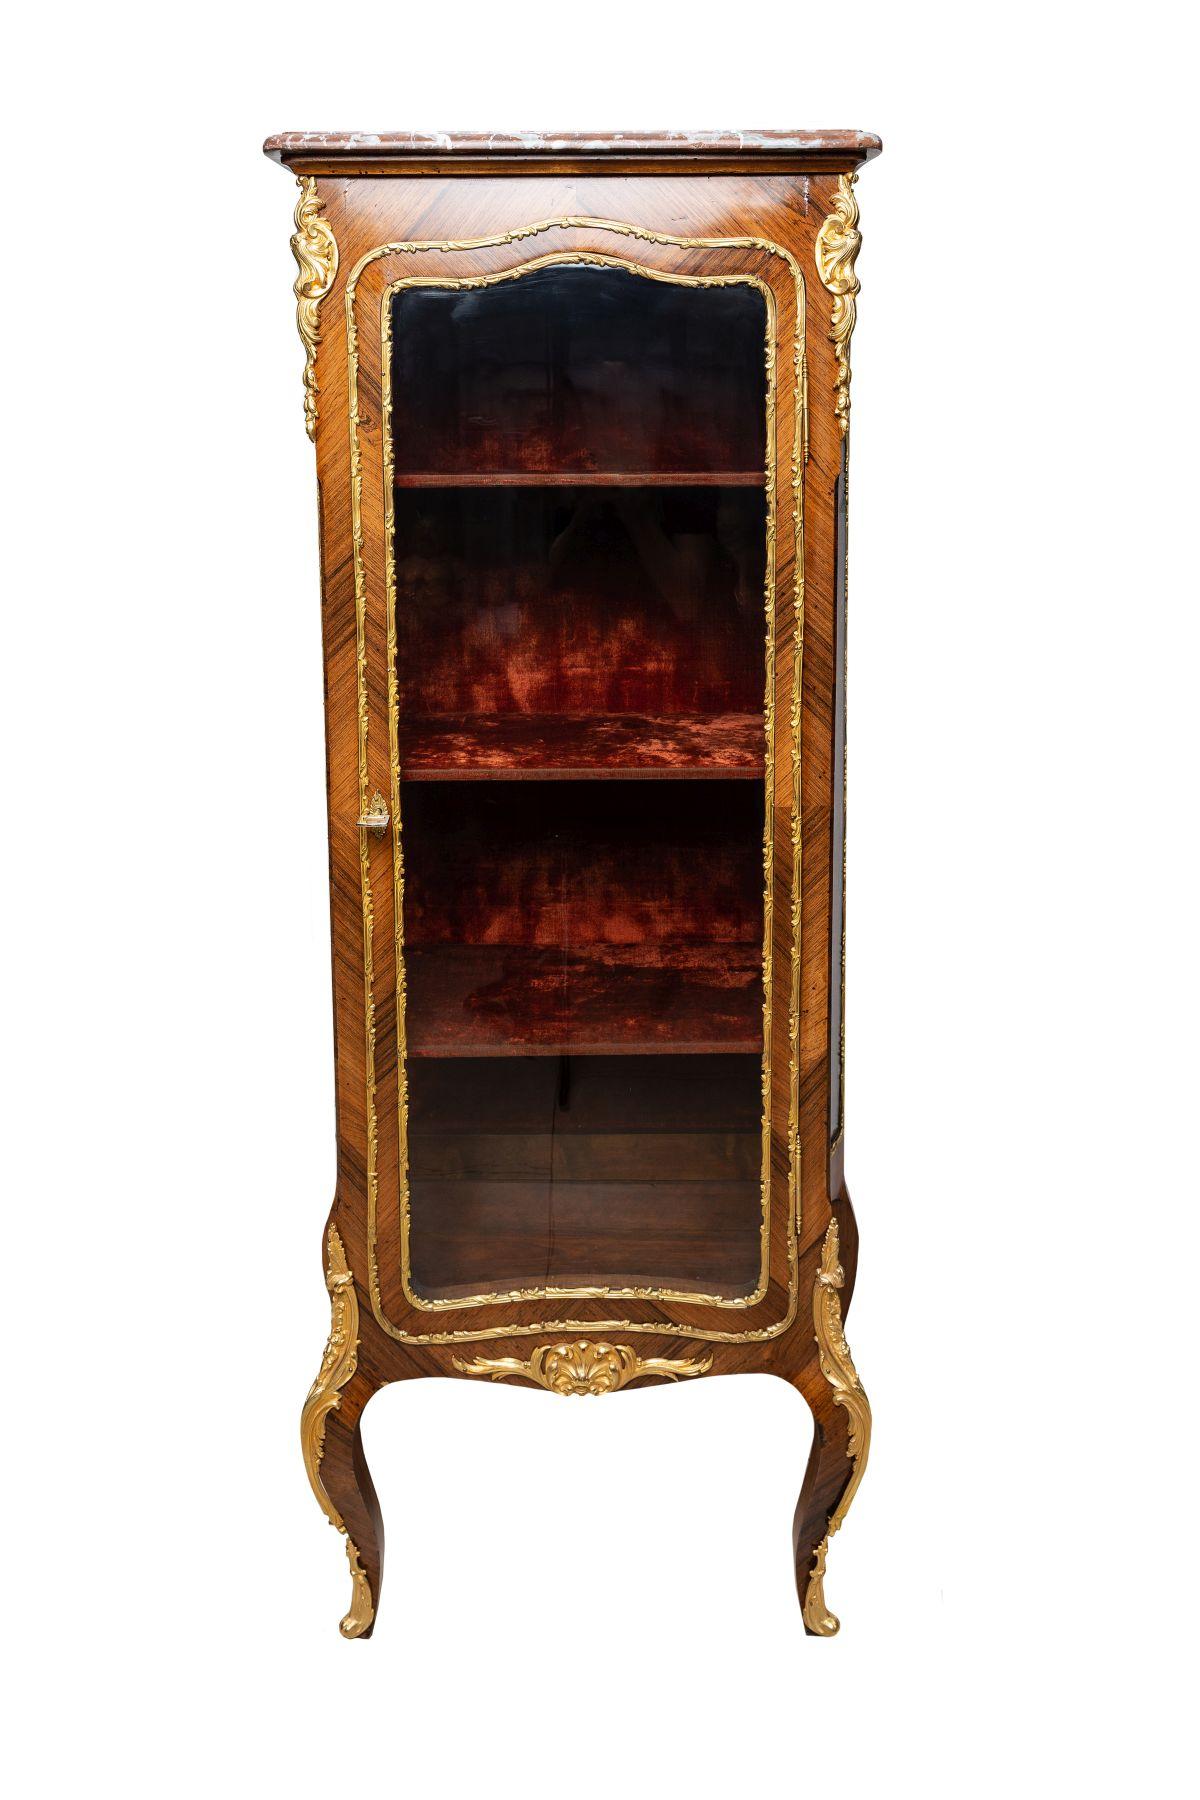 #17 Glass Display Cabinet in Louis XV Style | Glasvitrine im Louis XV Stil Image